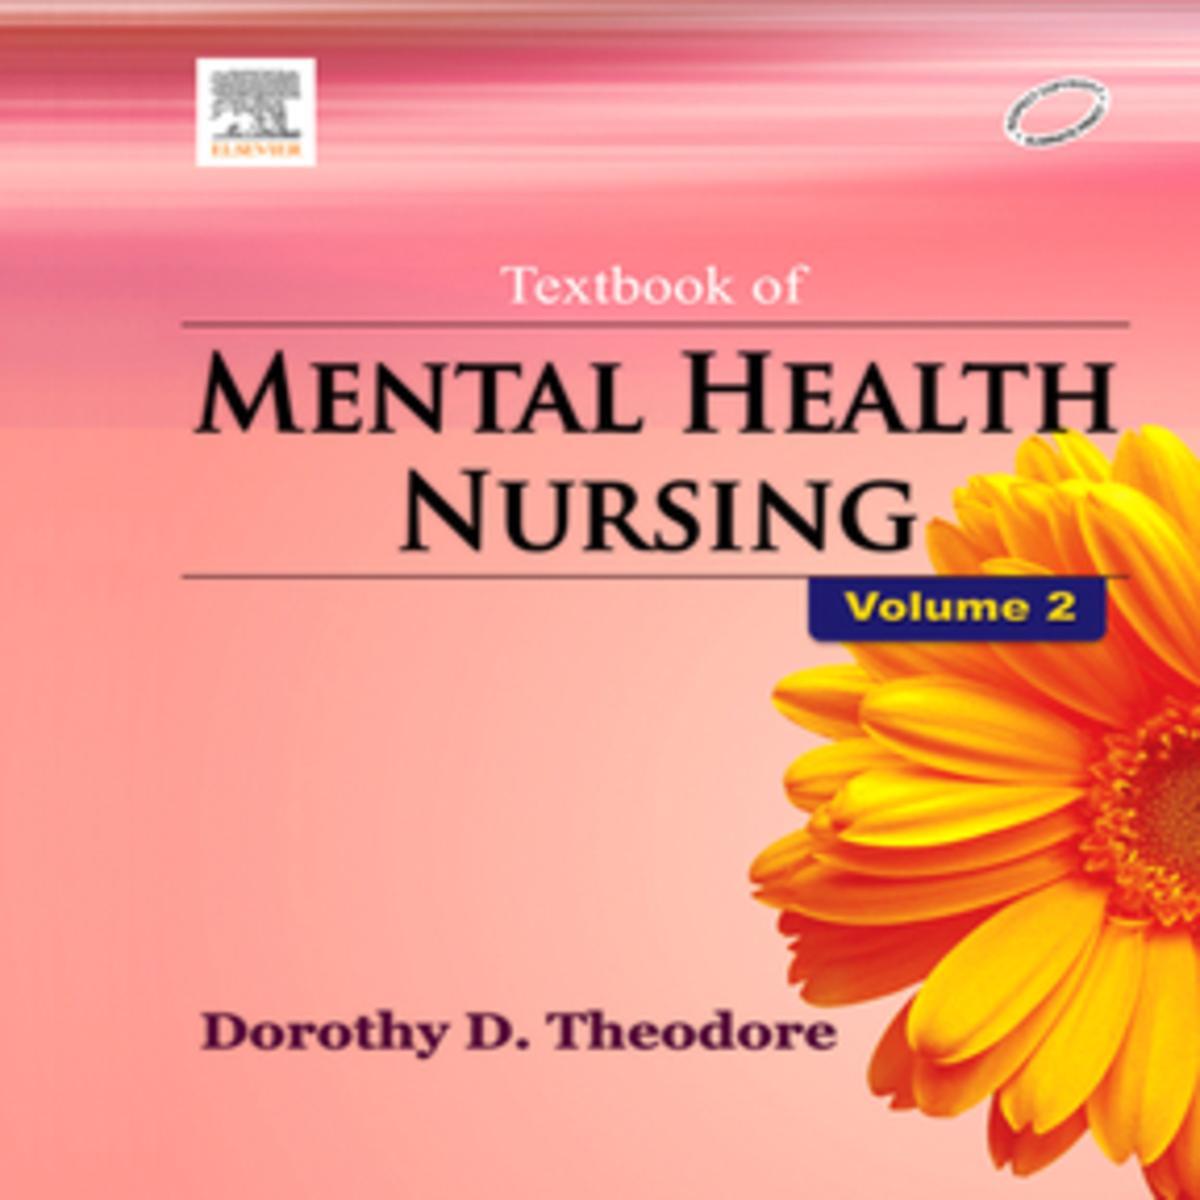 Textbook of Mental Health Nursing, Vol - II - eBook